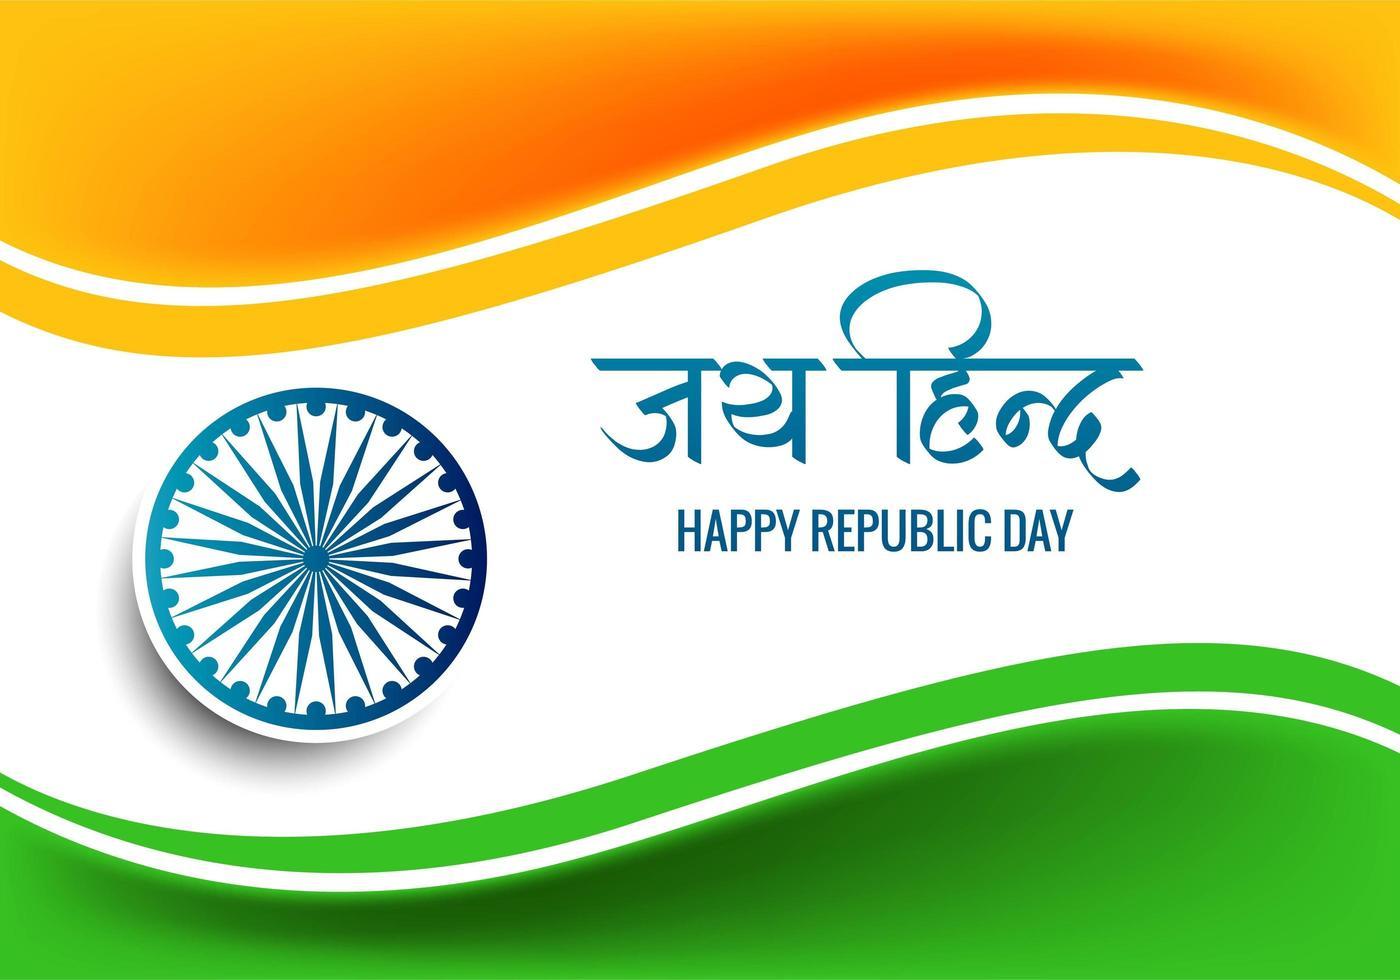 Bandiera indiana elegante onda superiore e inferiore